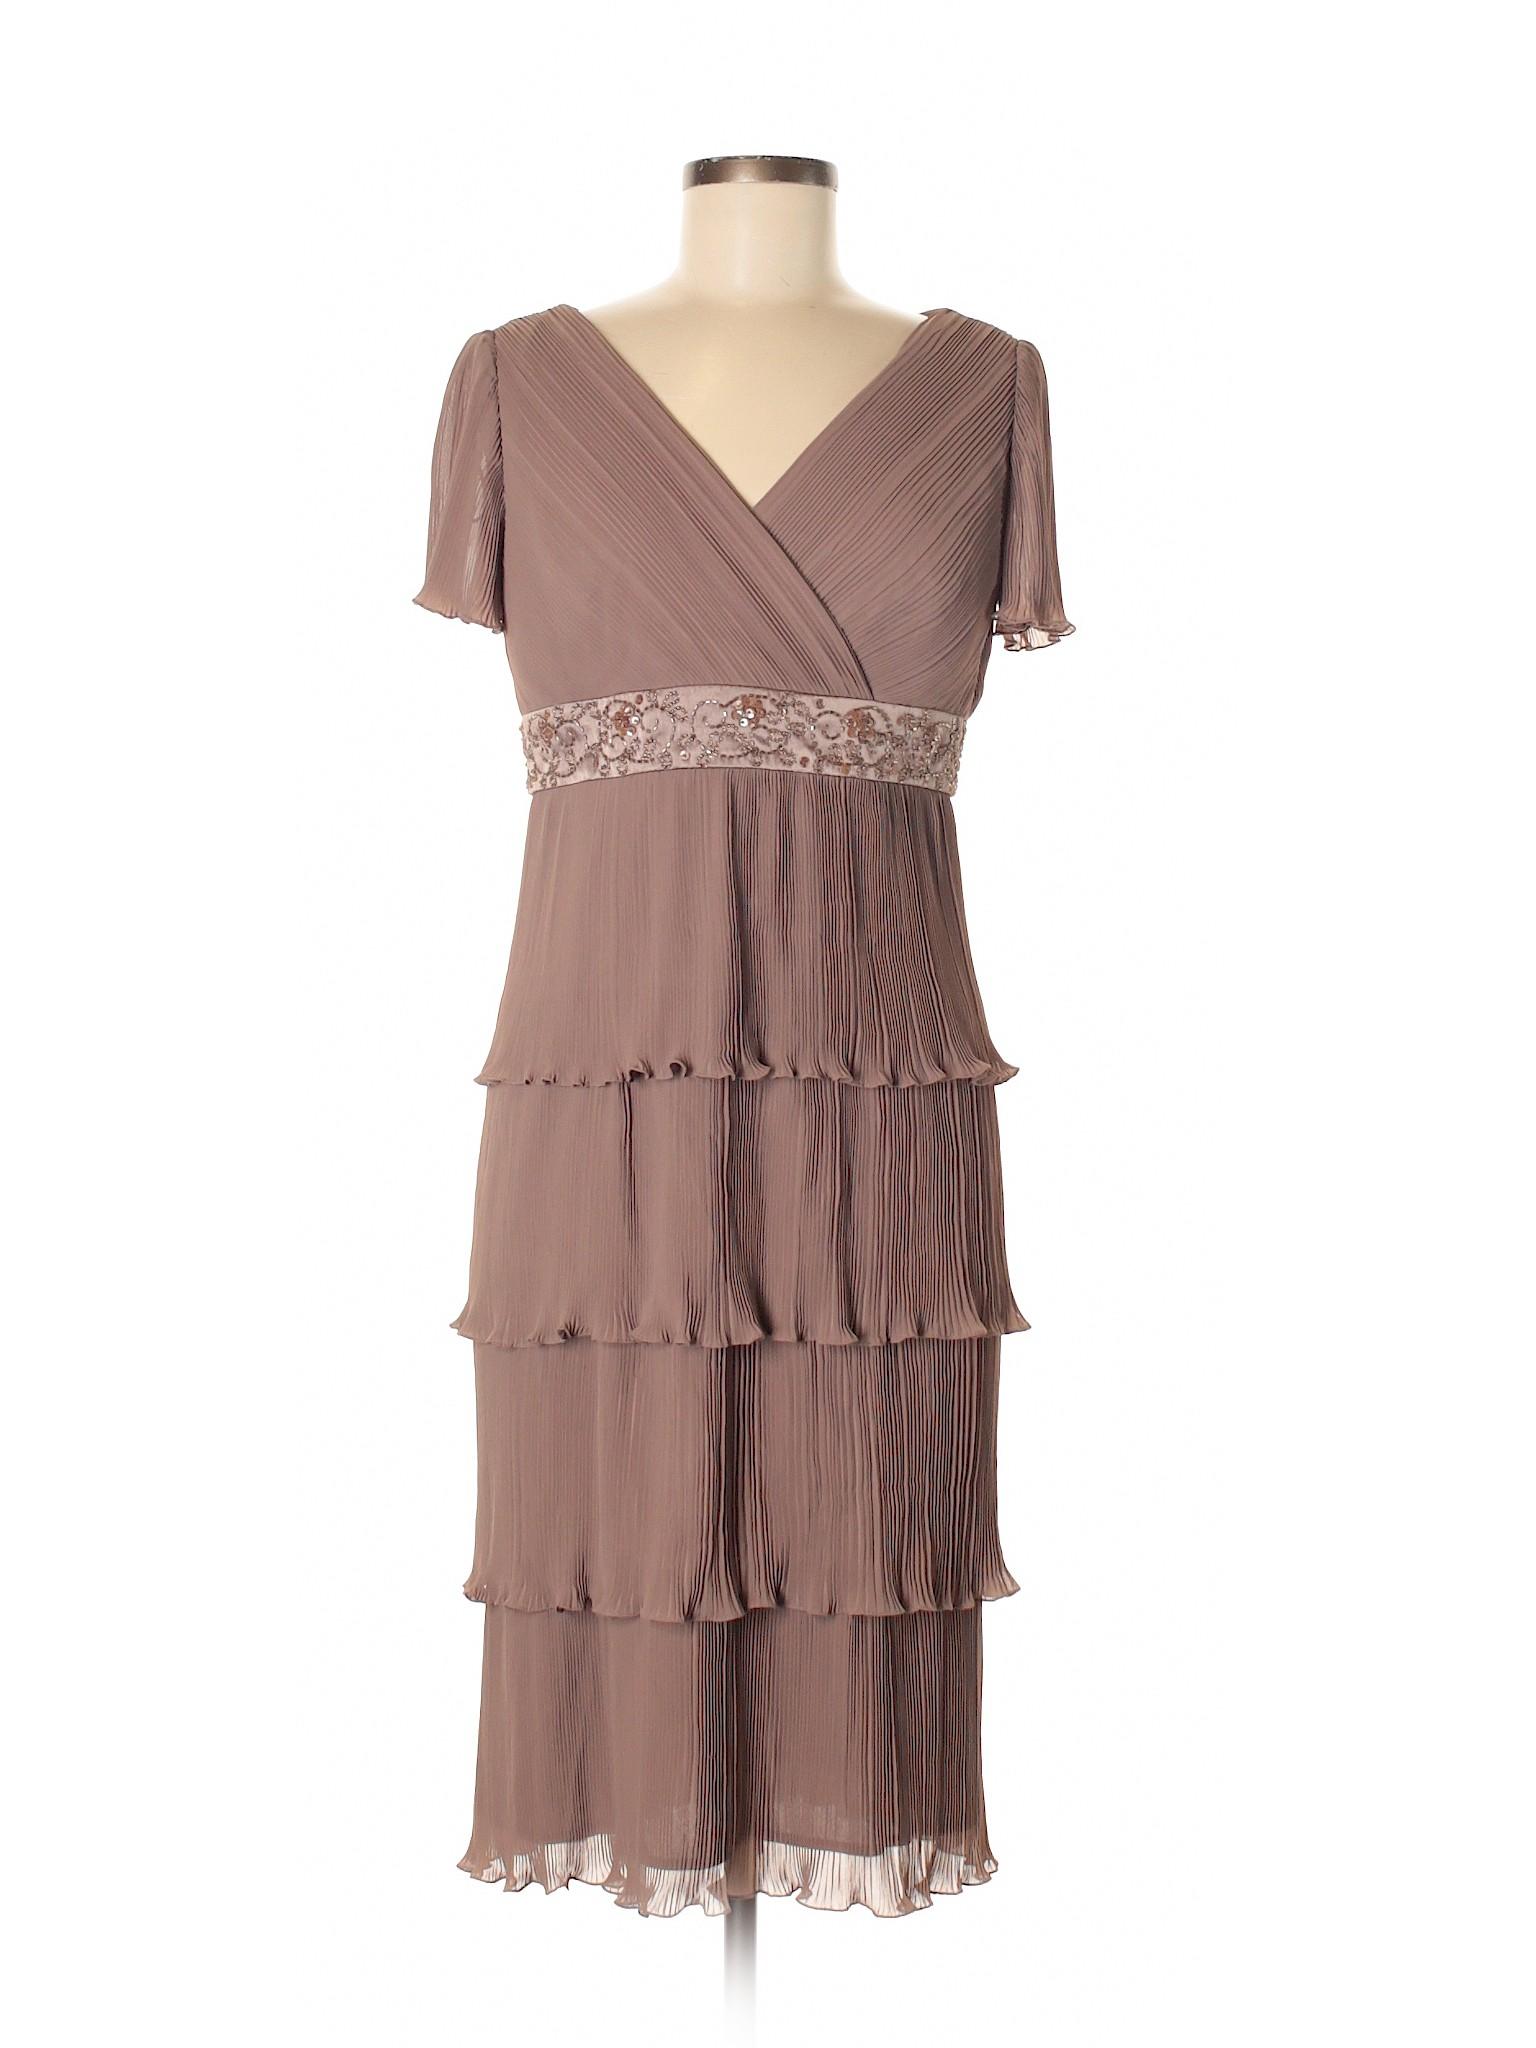 Patra Cocktail Dress Boutique winter winter Boutique xnq6w14